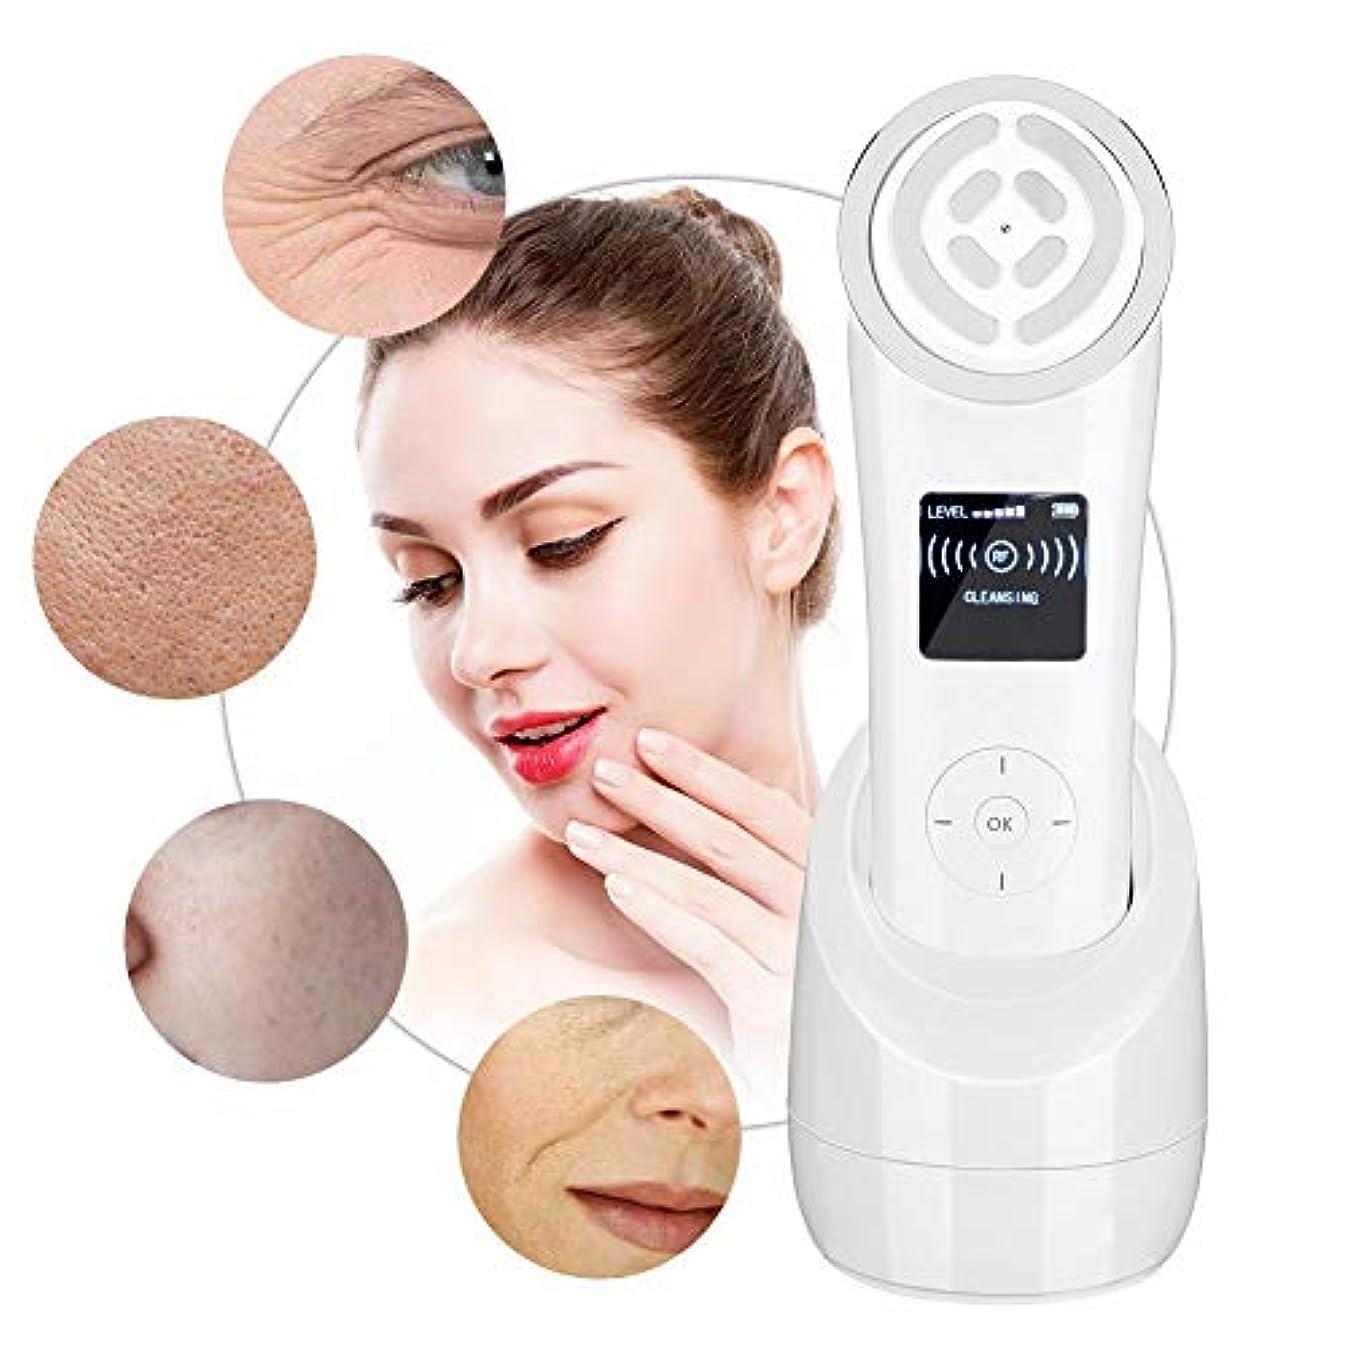 クリークセール飲料顔の美しさのマシン - RF周波数アンチエイジングアンチリンクル、肌の若返り楽器 - ポータブル若返り肌がEMS筋肉刺激を強化(UE)